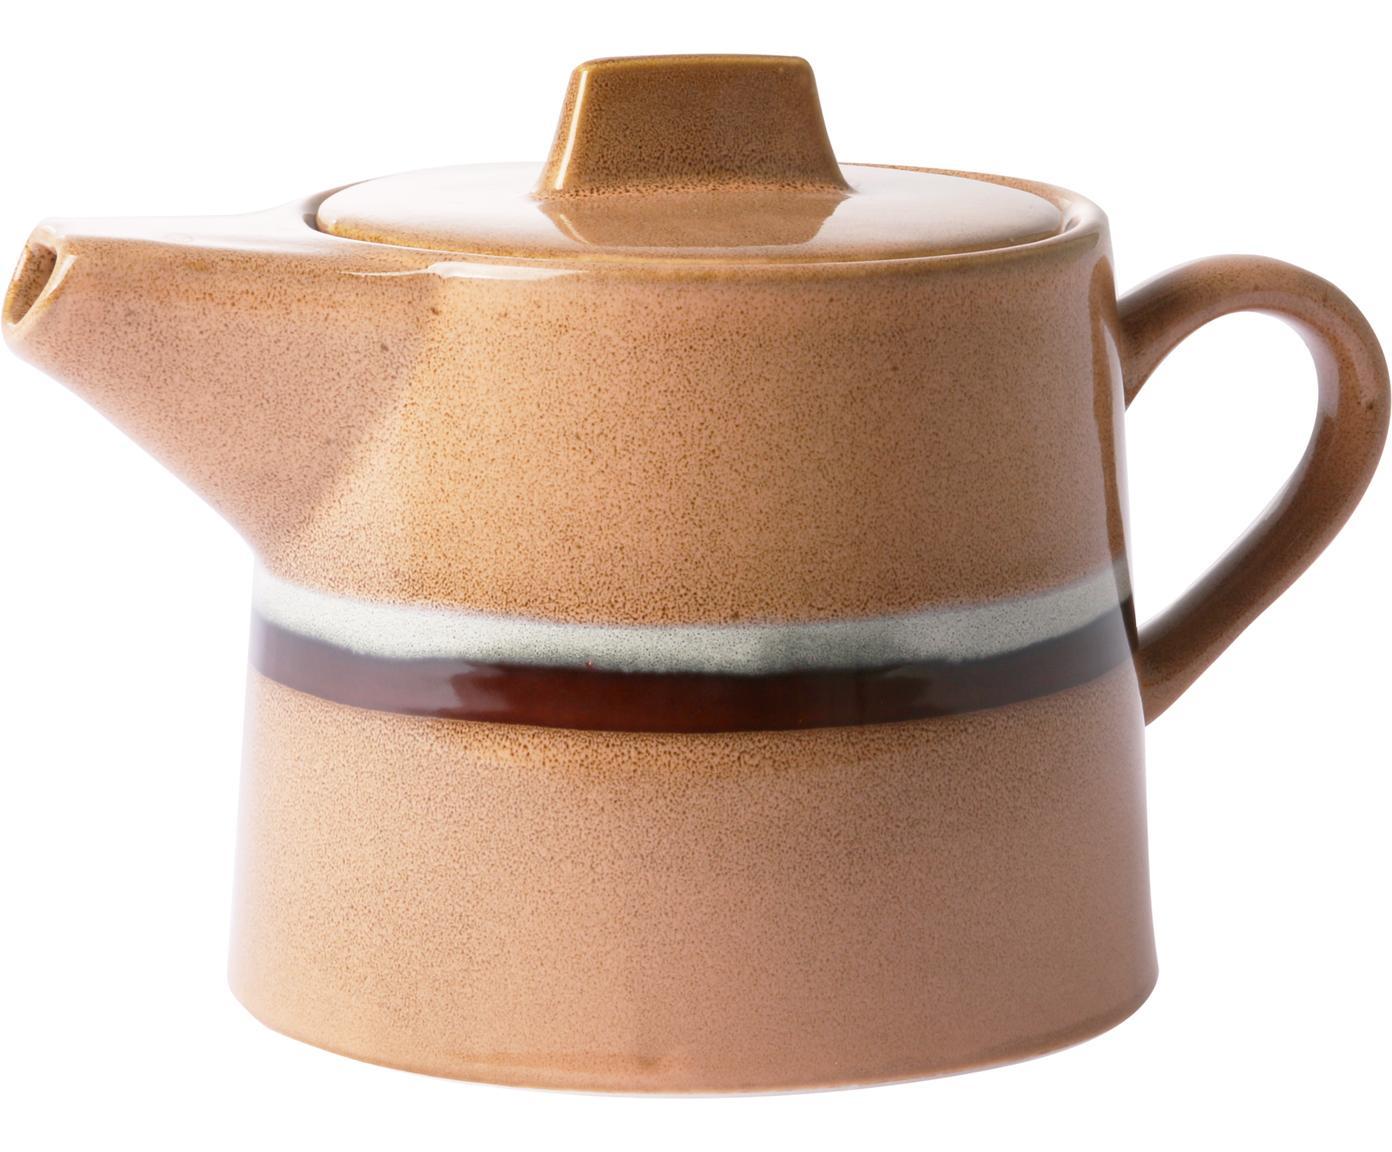 Handgemachte Teekanne 70's im Retro Style, Keramik, Pfirsichfarben, Grau, Schwarz, 1,2 L